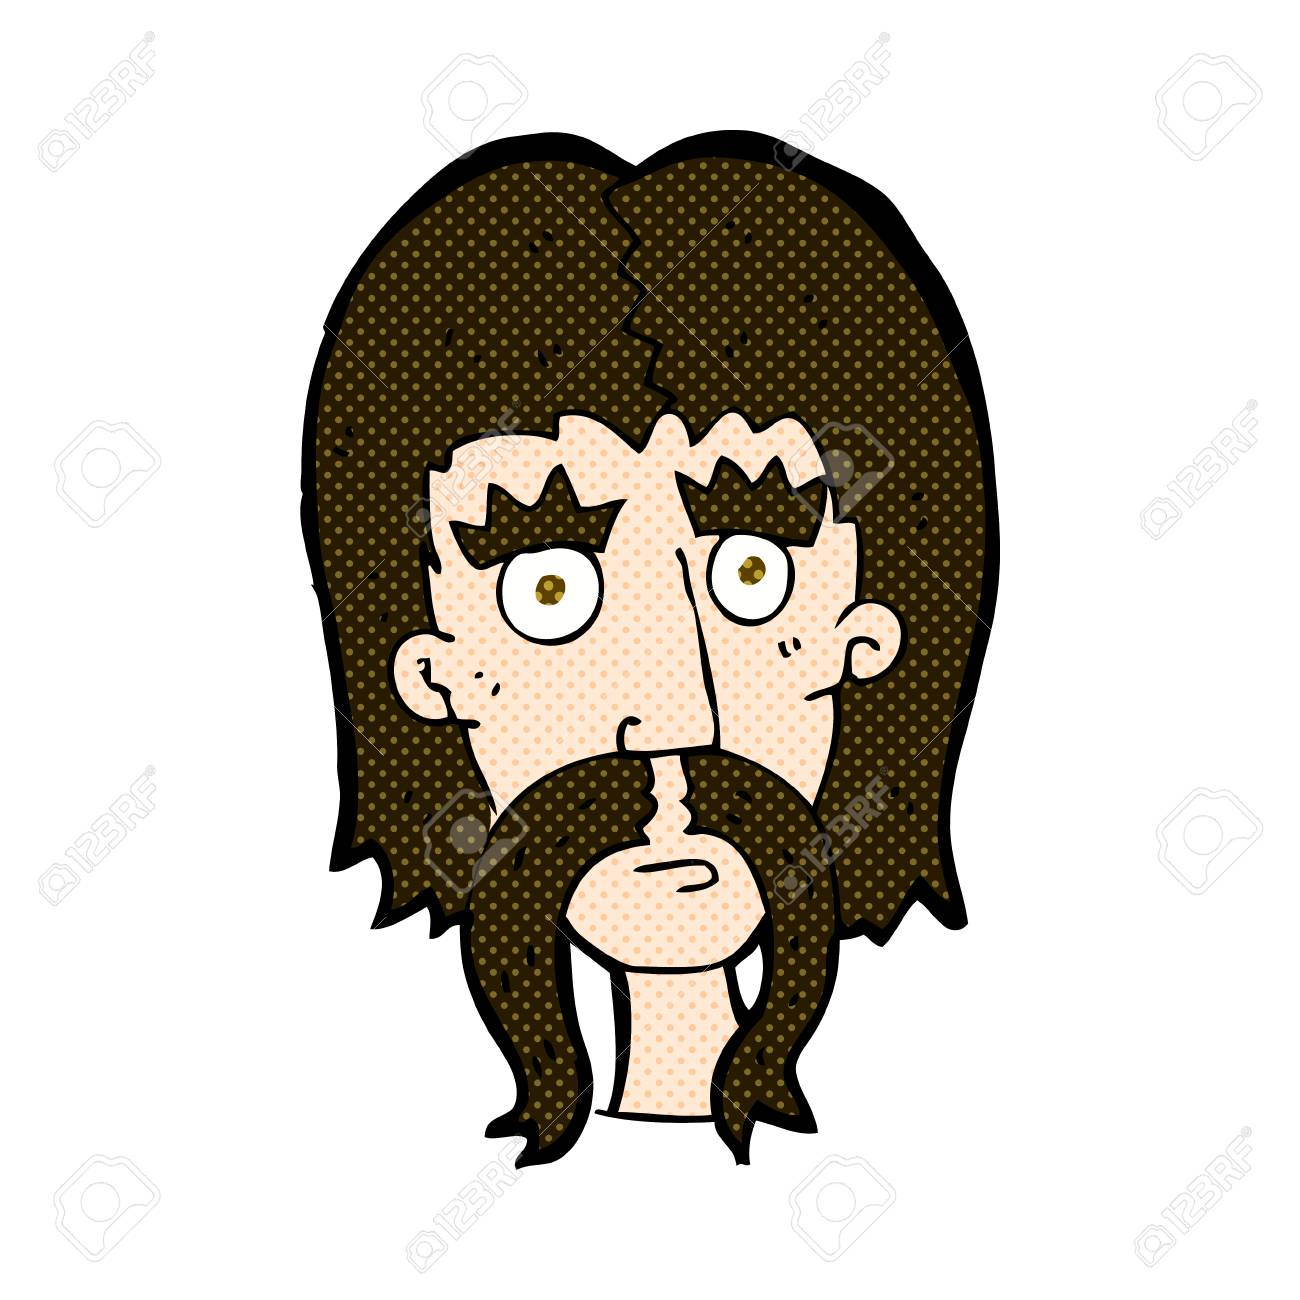 Vettoriale retrò stile fumetto cartone animato uomo con lunghi